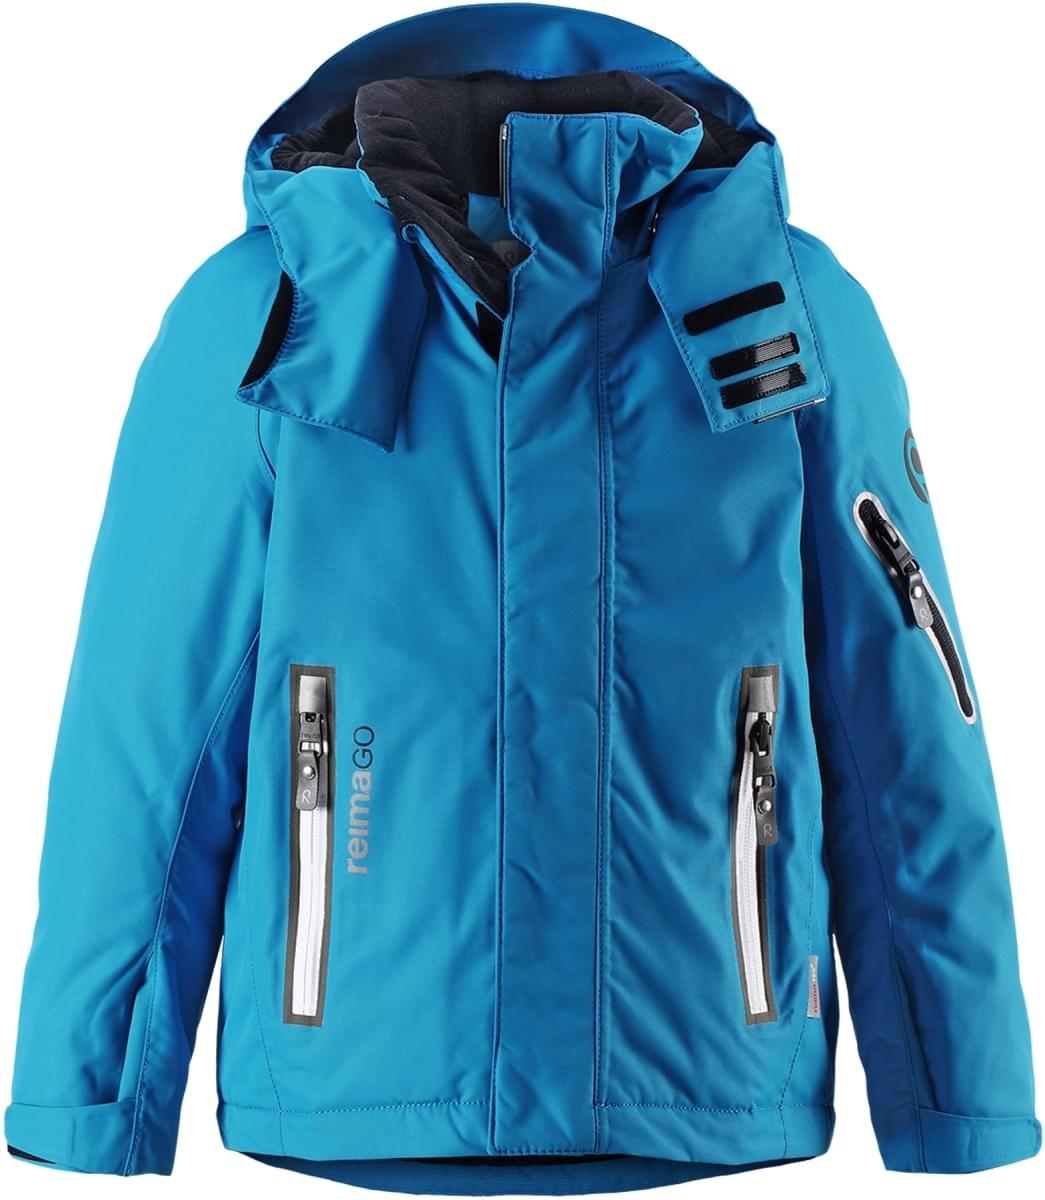 7855c37bba6 Dětská zimní bunda Reima Regor - Blue - Skibi Kids